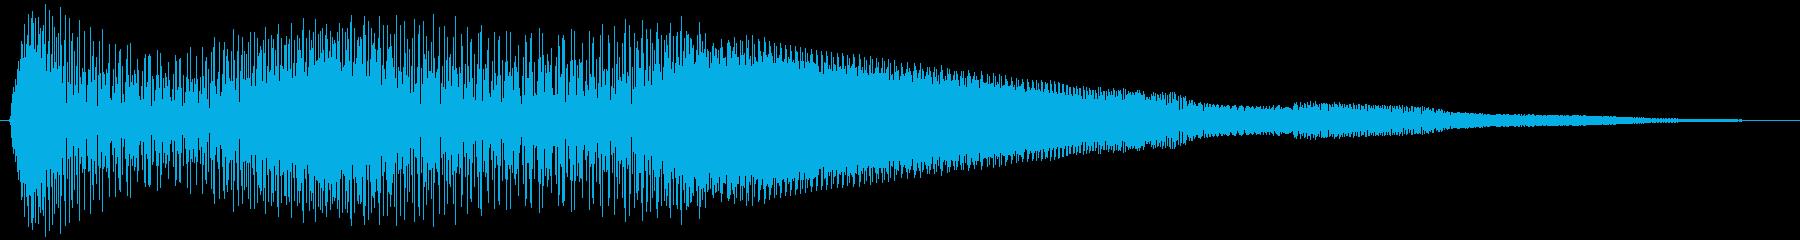 ボタン押下や決定音_キュキュイン!の再生済みの波形